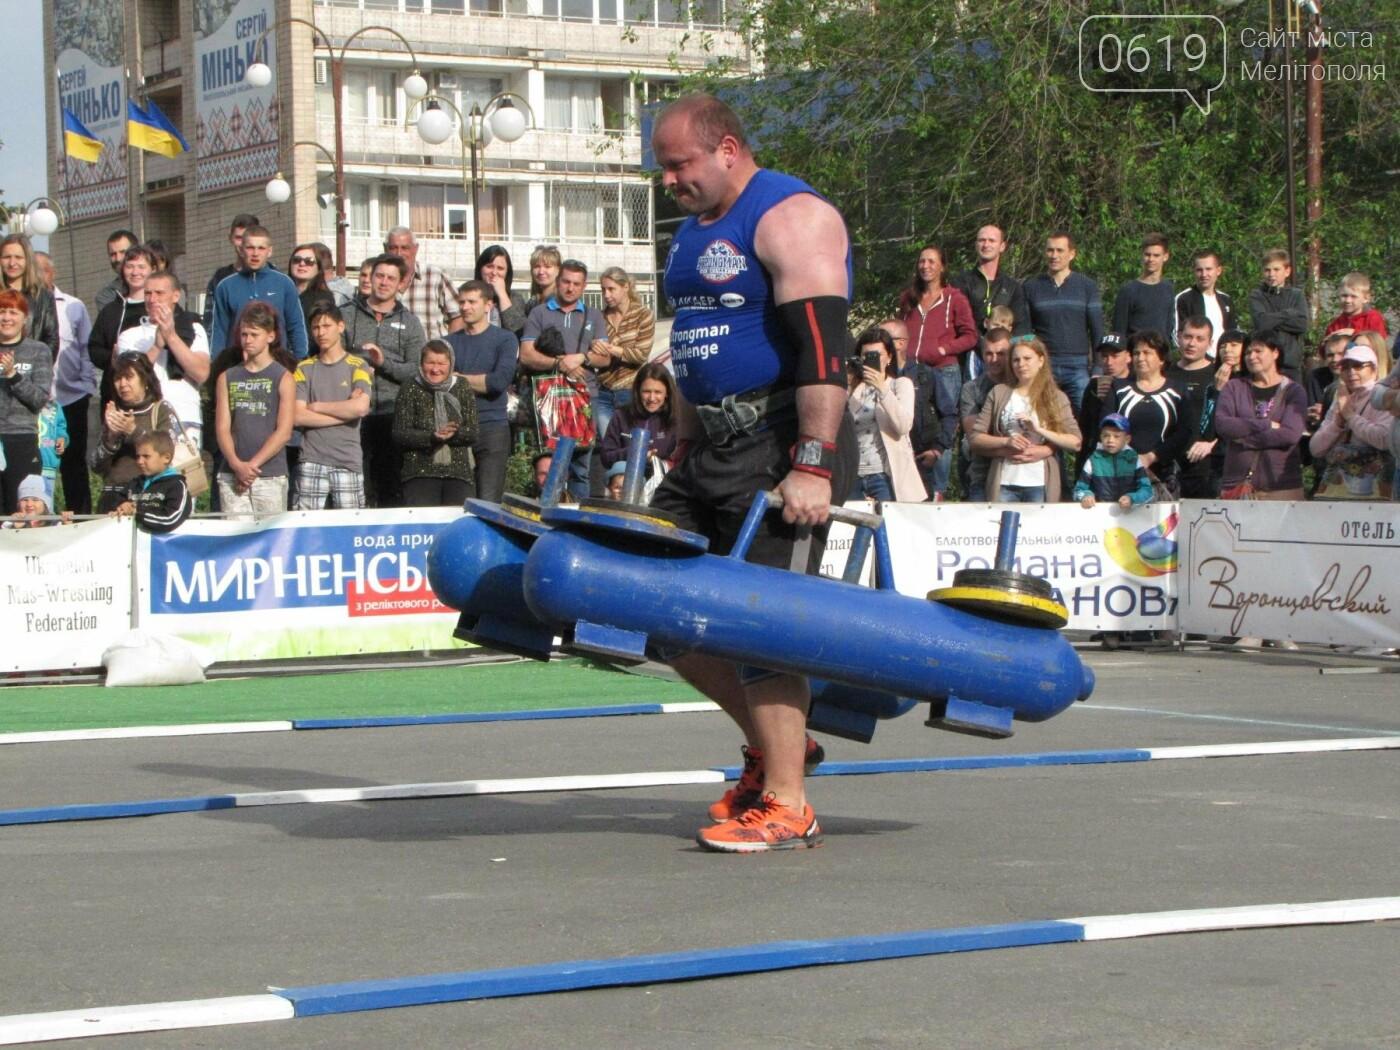 Три победы за неделю: мелитопольский богатырь выиграл второй этап международного чемпионата, фото-32